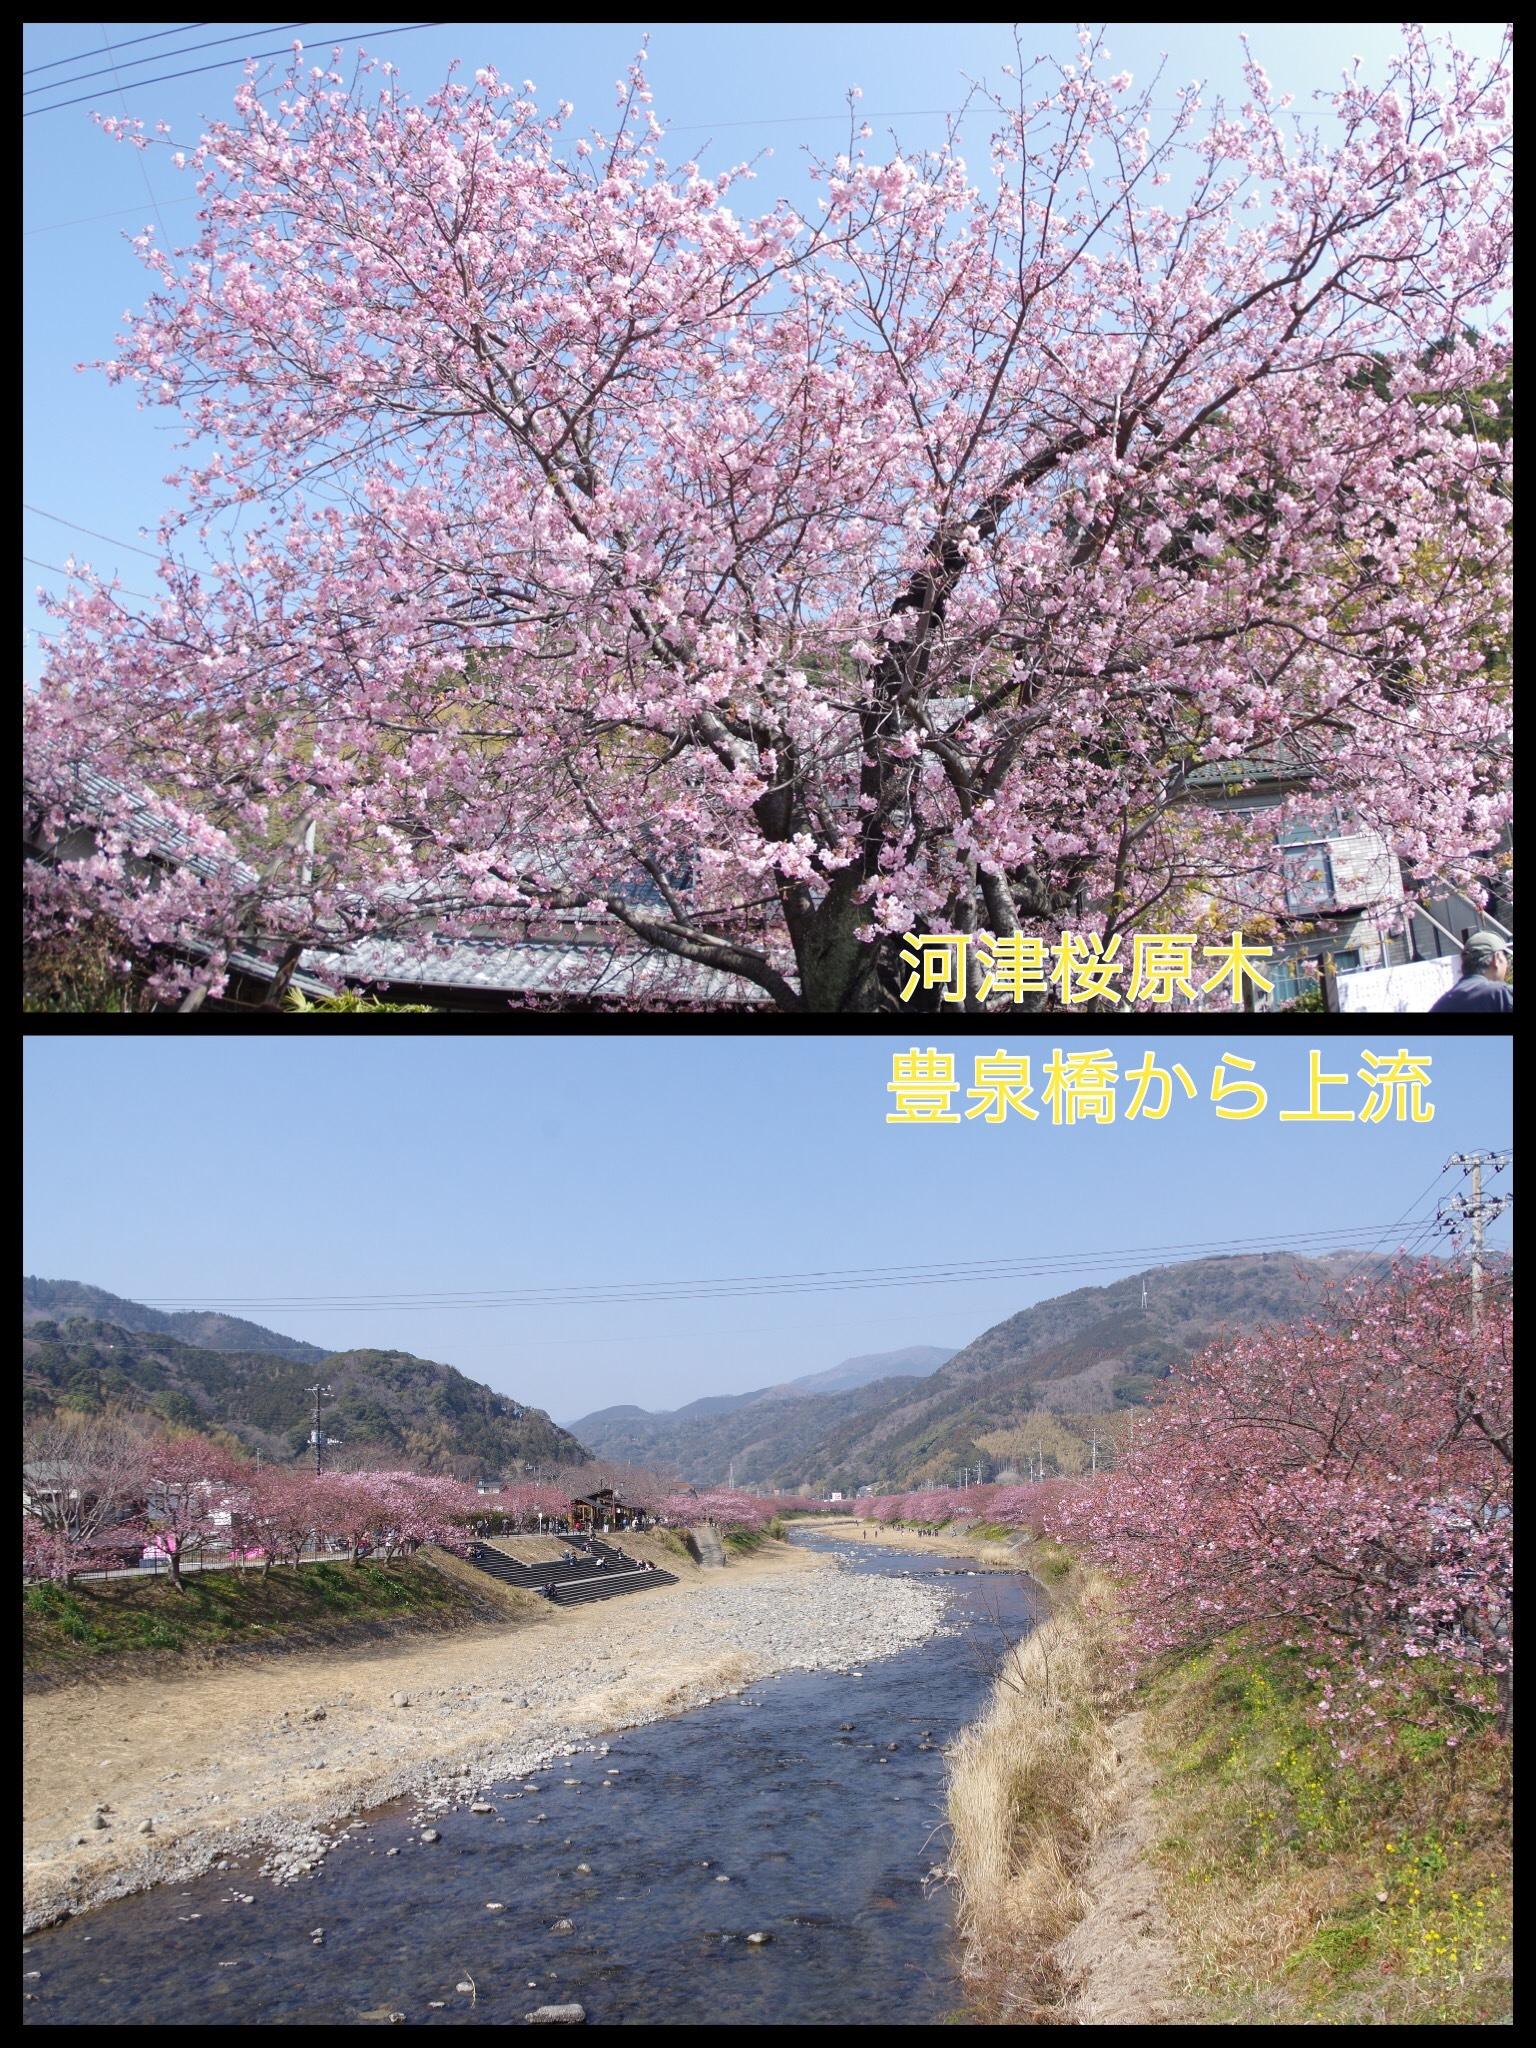 伊豆 河津桜まつり 2018